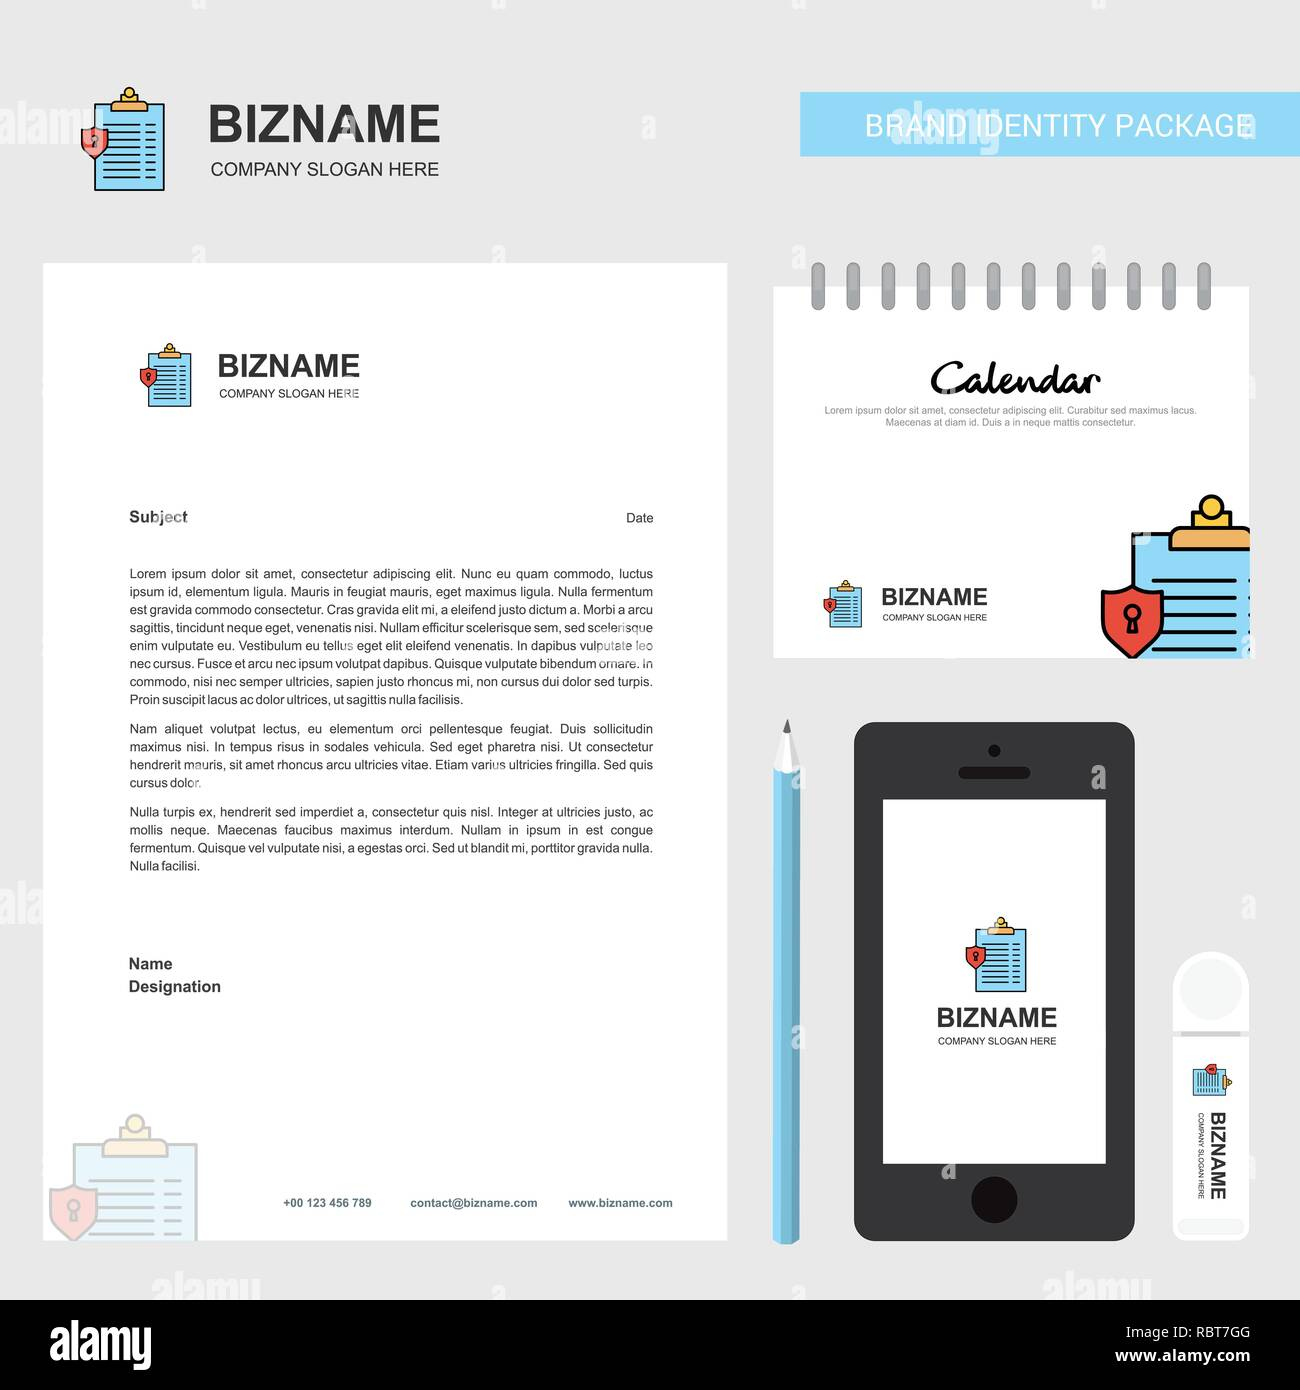 Calendario Appunti 2019.Appunti Carta Intestata Aziendale Calendario 2019 E Mobile